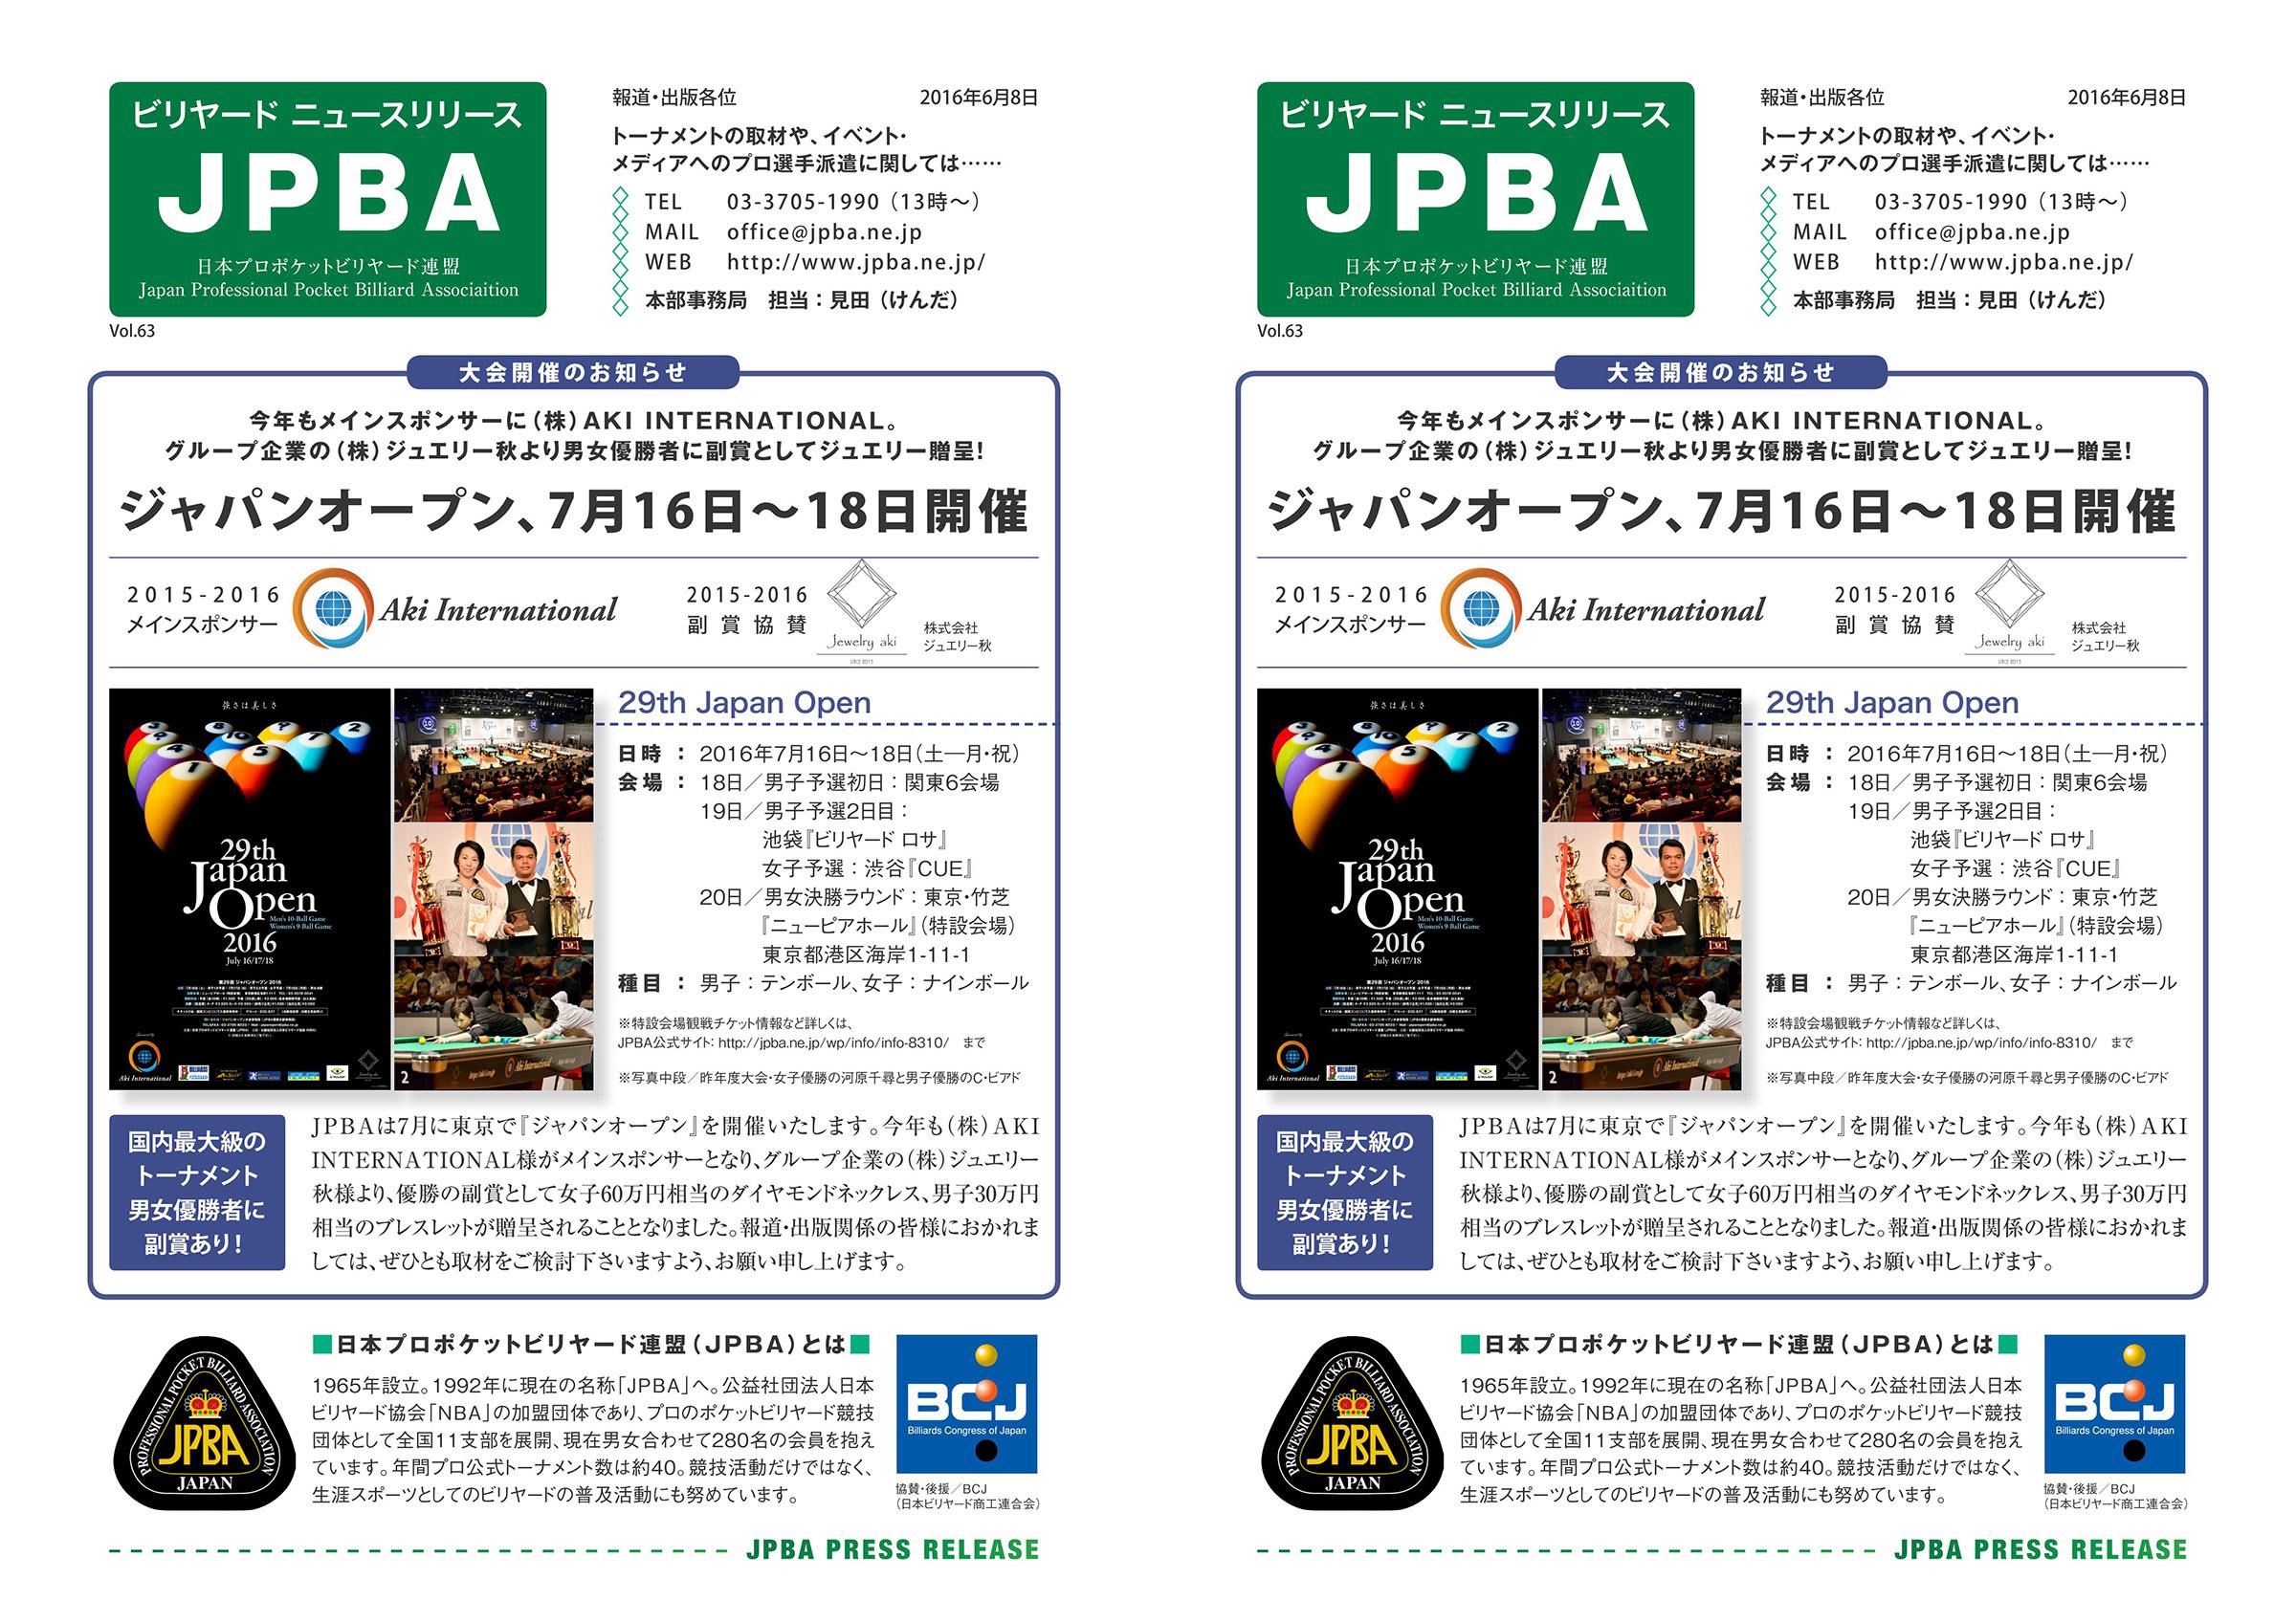 jpba-pr-63_01